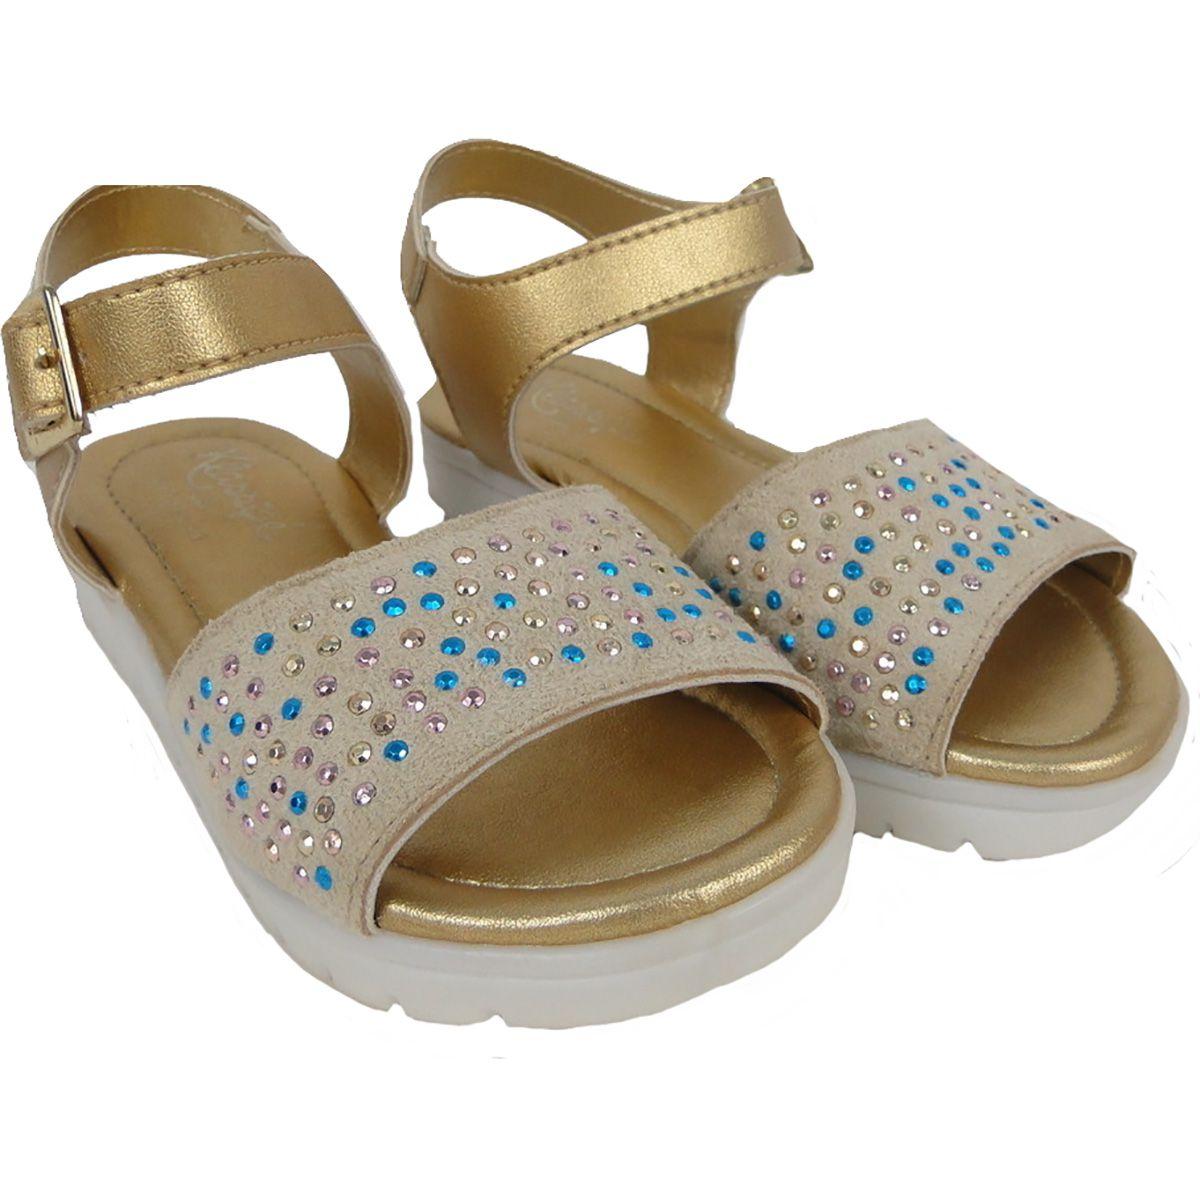 Sandalia Klasipe Feminina Pedras Dourada